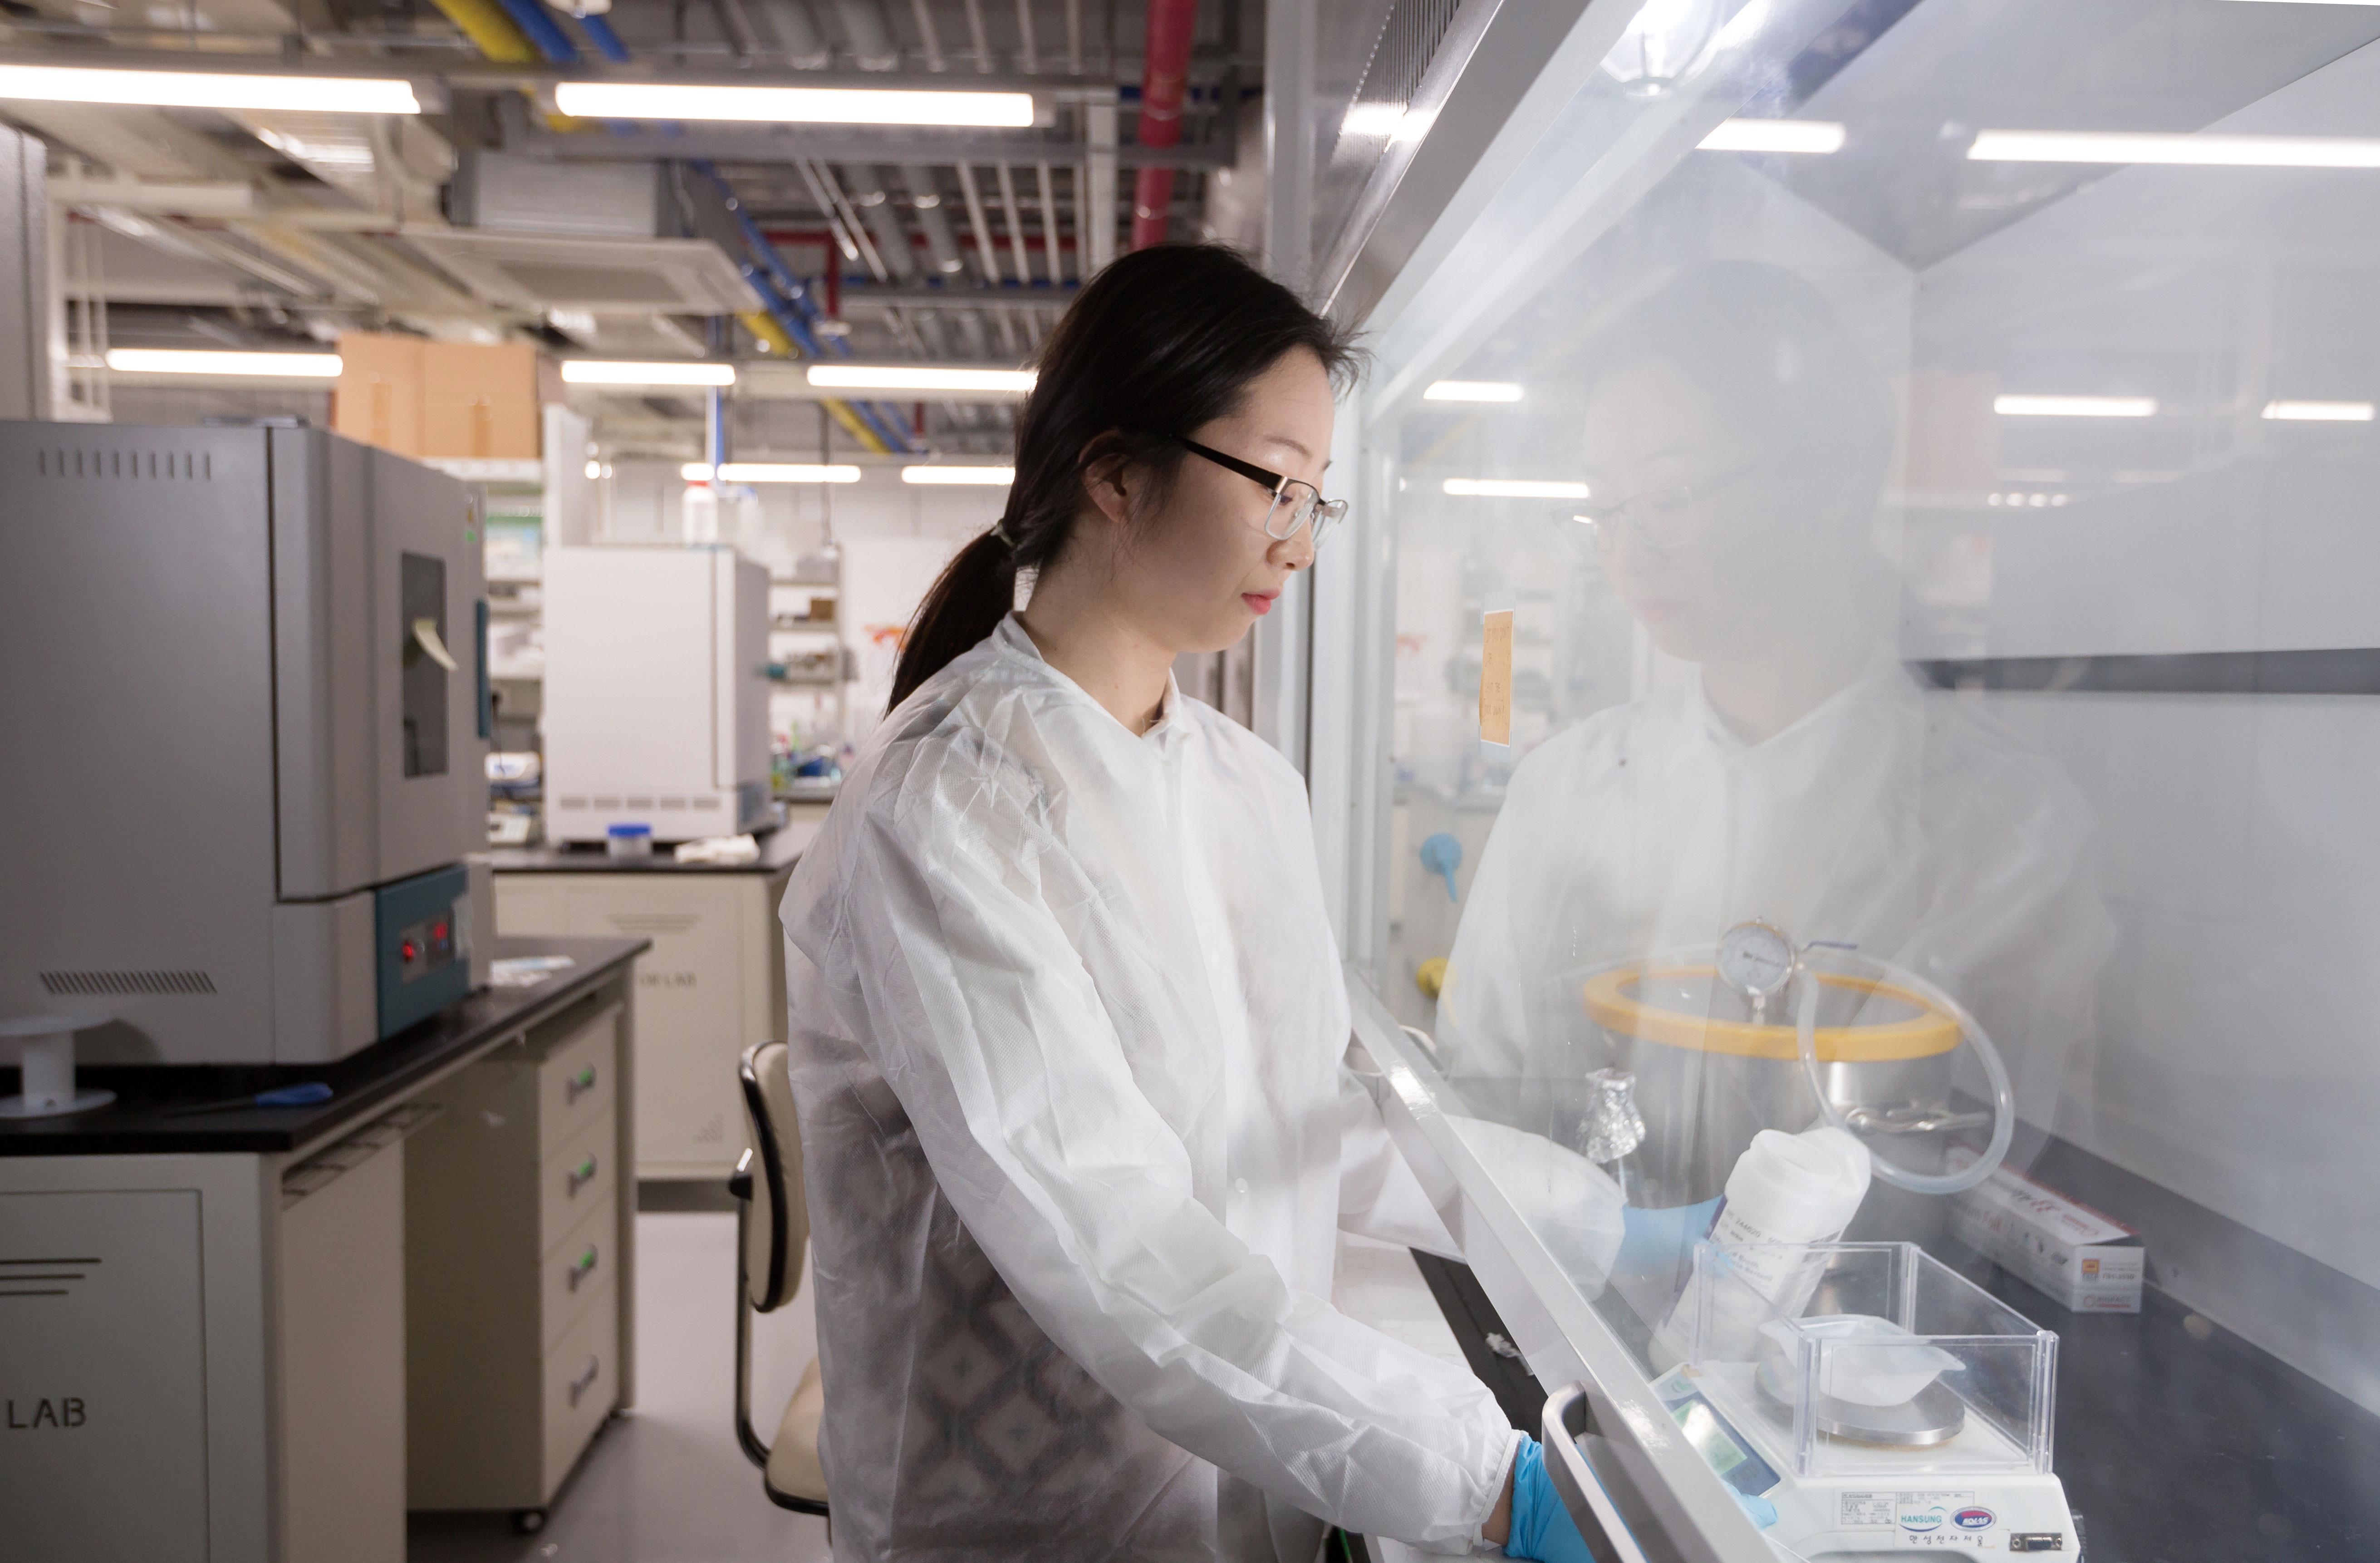 세포를 배양할 수 있는 배지를 제작하고 있는 정수현 연구원. | 사진: 안홍범